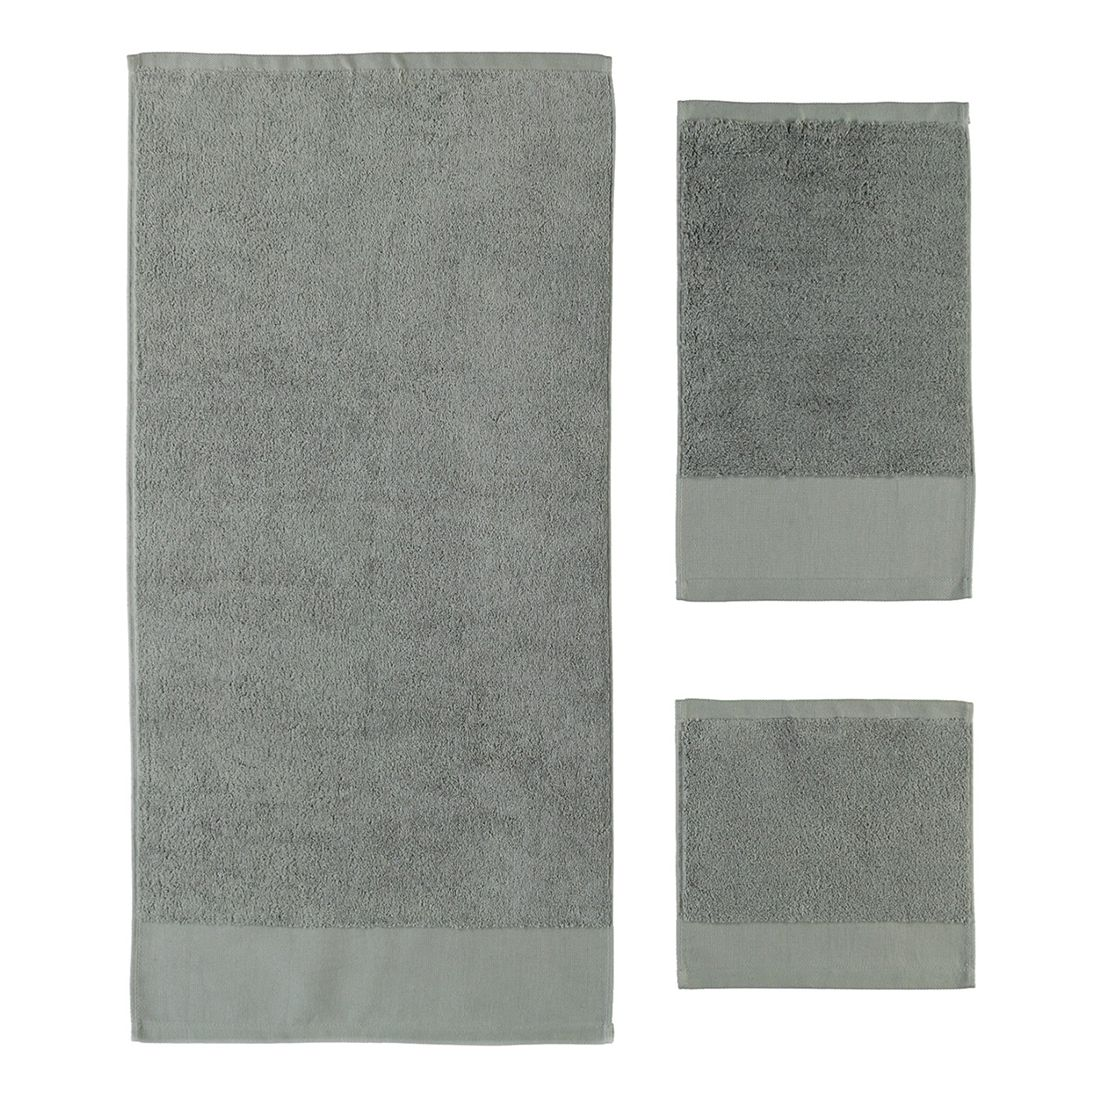 Handtuch Comtesse – 100% Baumwolle kiesel – 85 – Duschtuch: 70 x 130 cm, Rhomtuft günstig kaufen